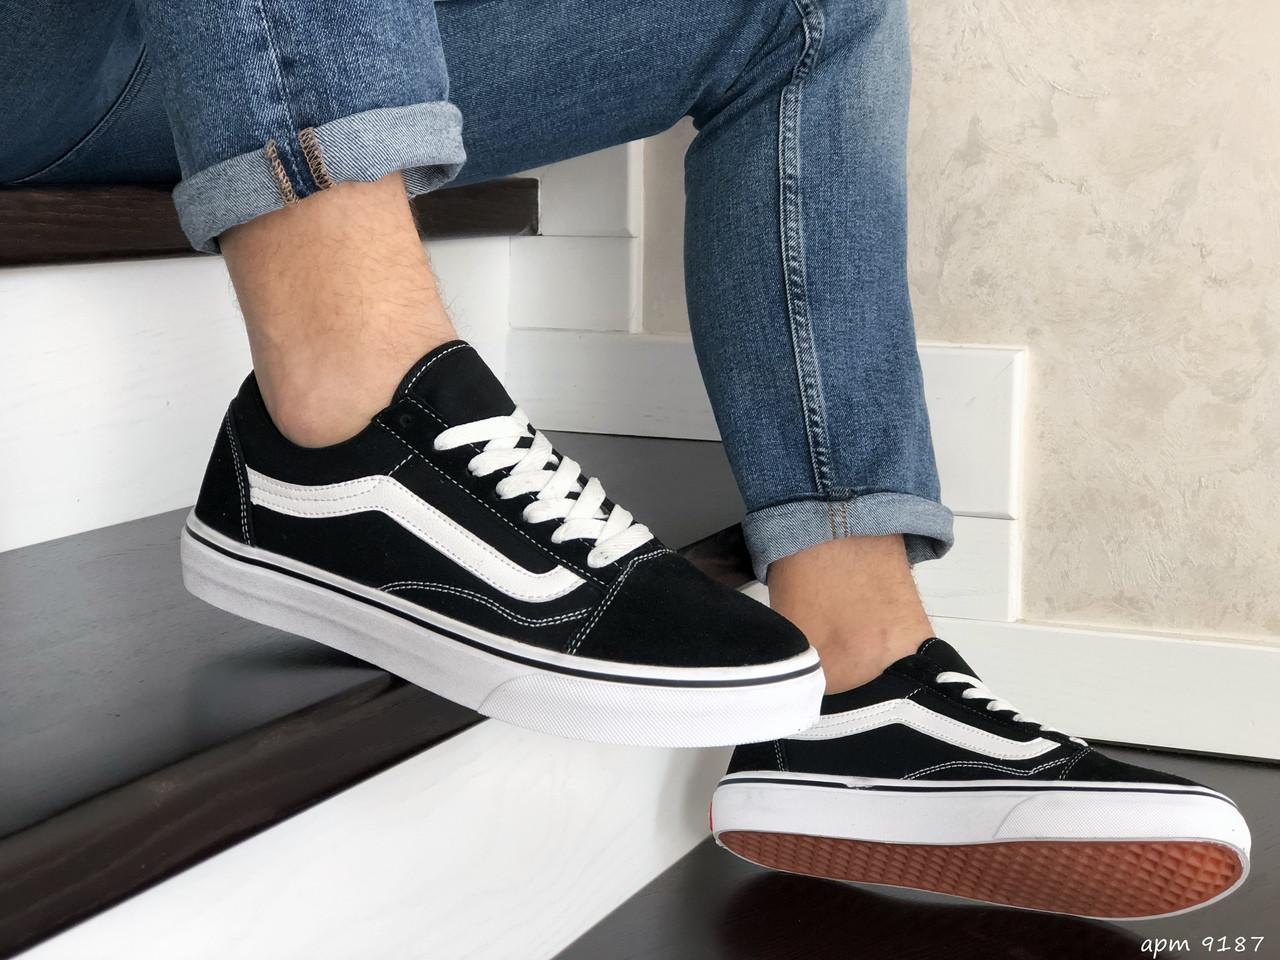 Чоловічі кросівки Vans (чорно-білі) 9187